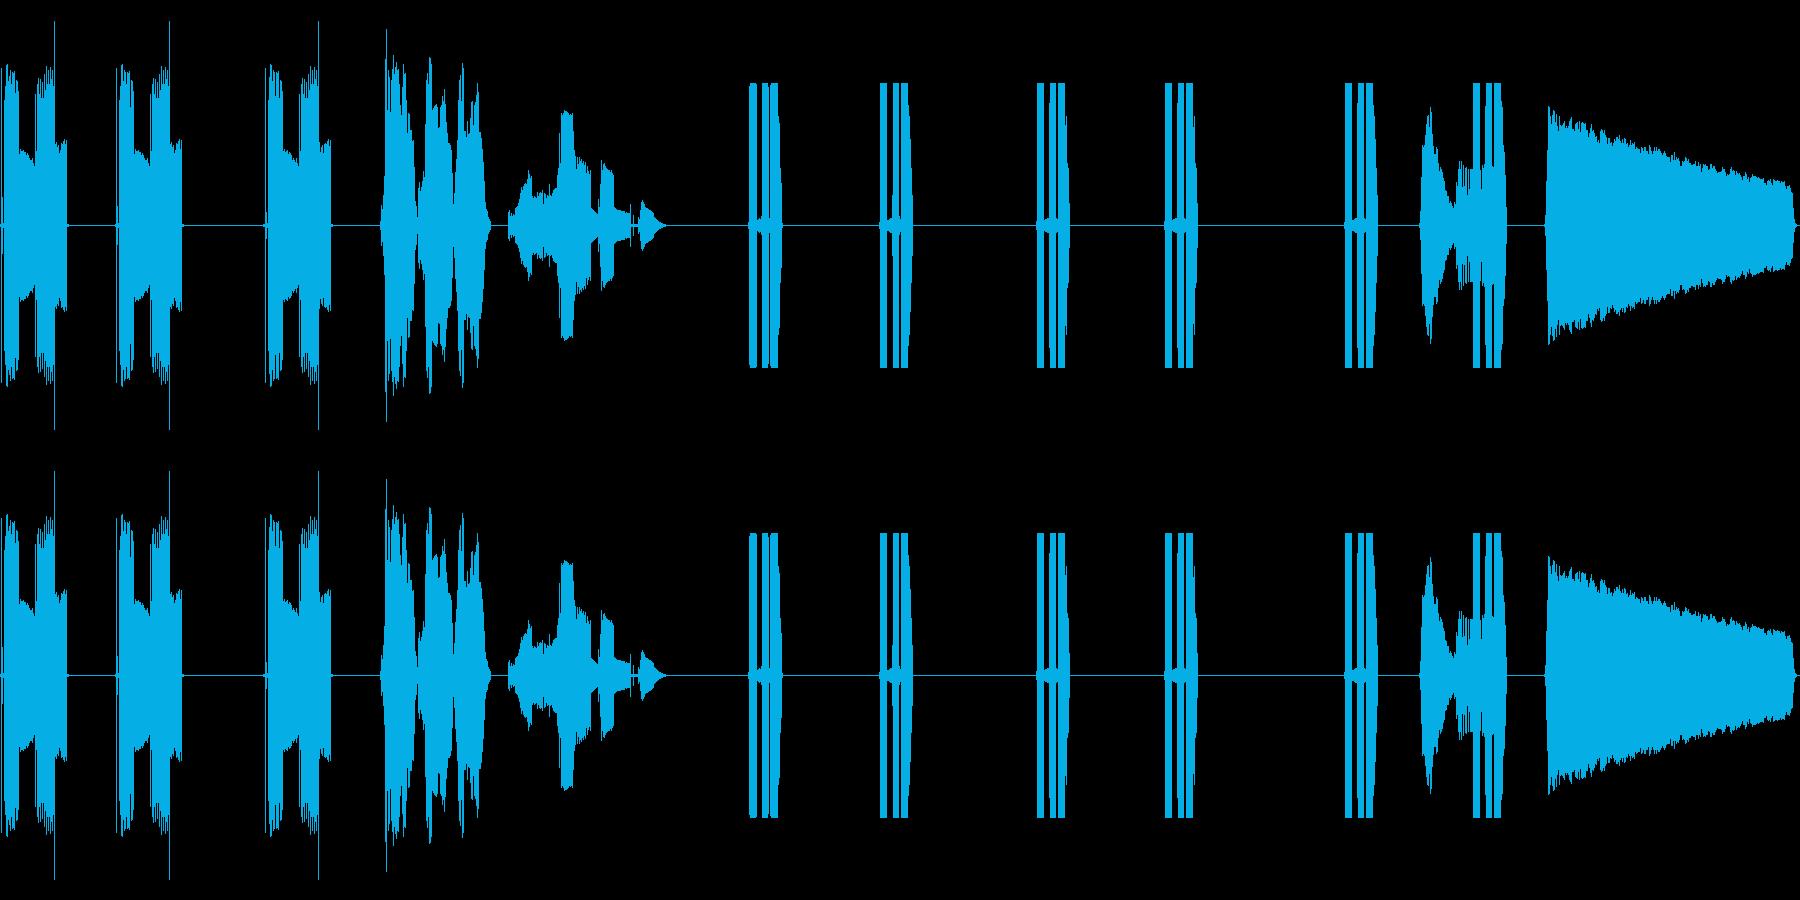 コンピューターテレメトリー:関数シ...の再生済みの波形